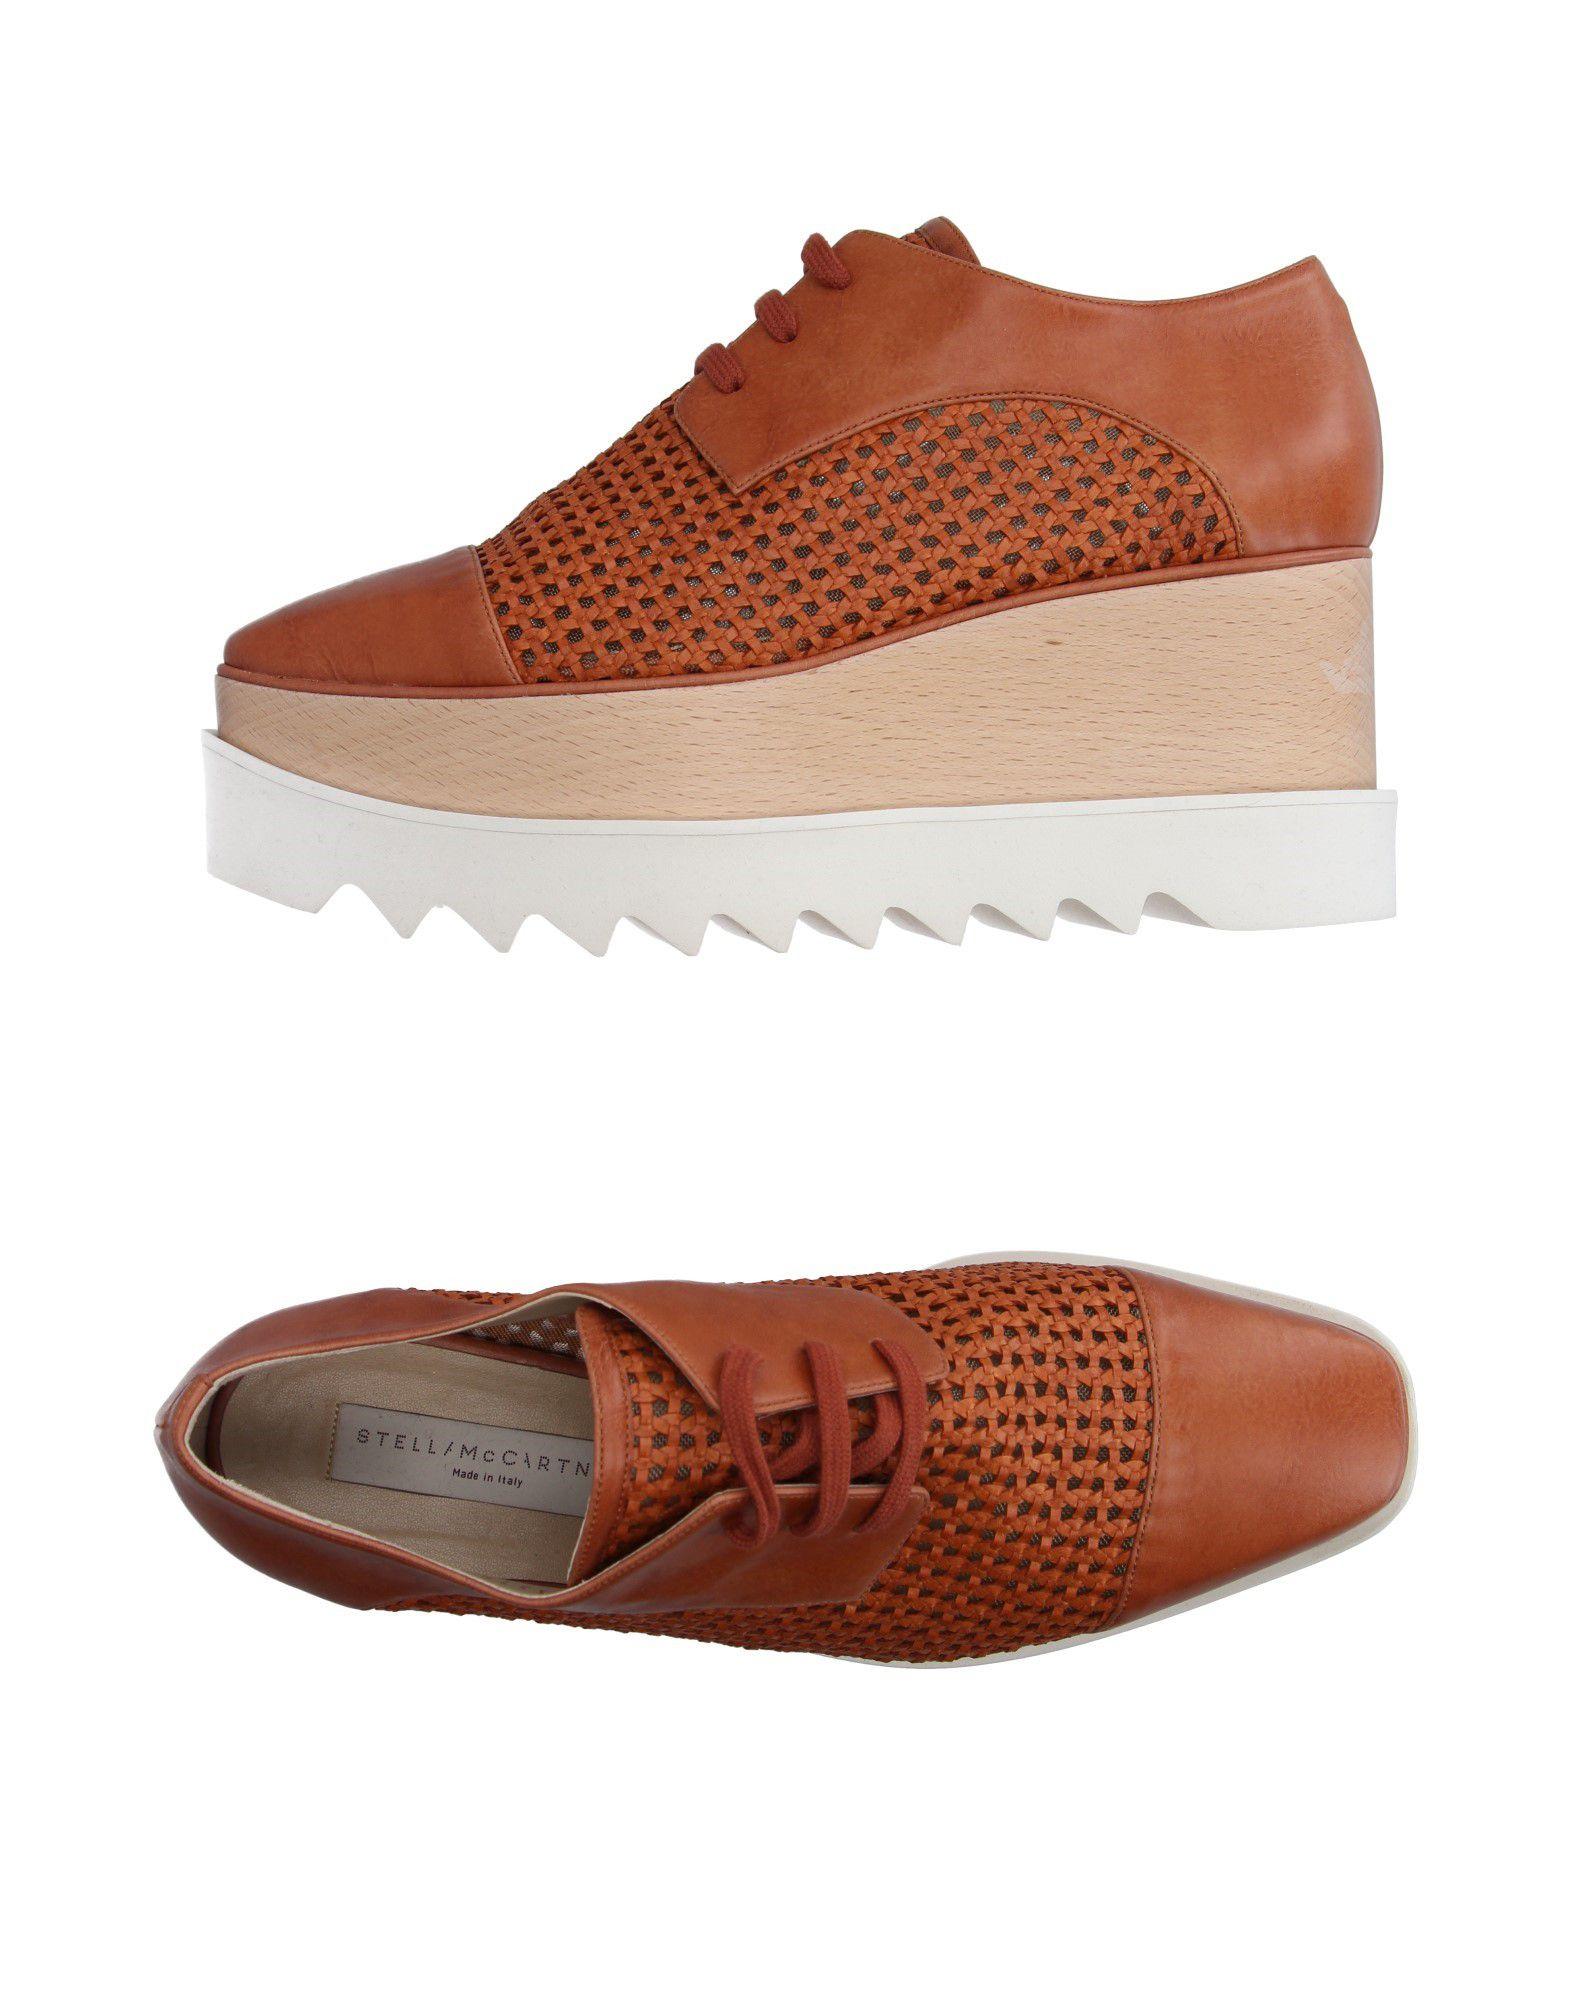 Tiempo limitado especial Zapato De Cordones Stella Mccartney Mujer Mujer Mccartney - Zapatos De Cordones Stella Mccartney  Marrón 550be2